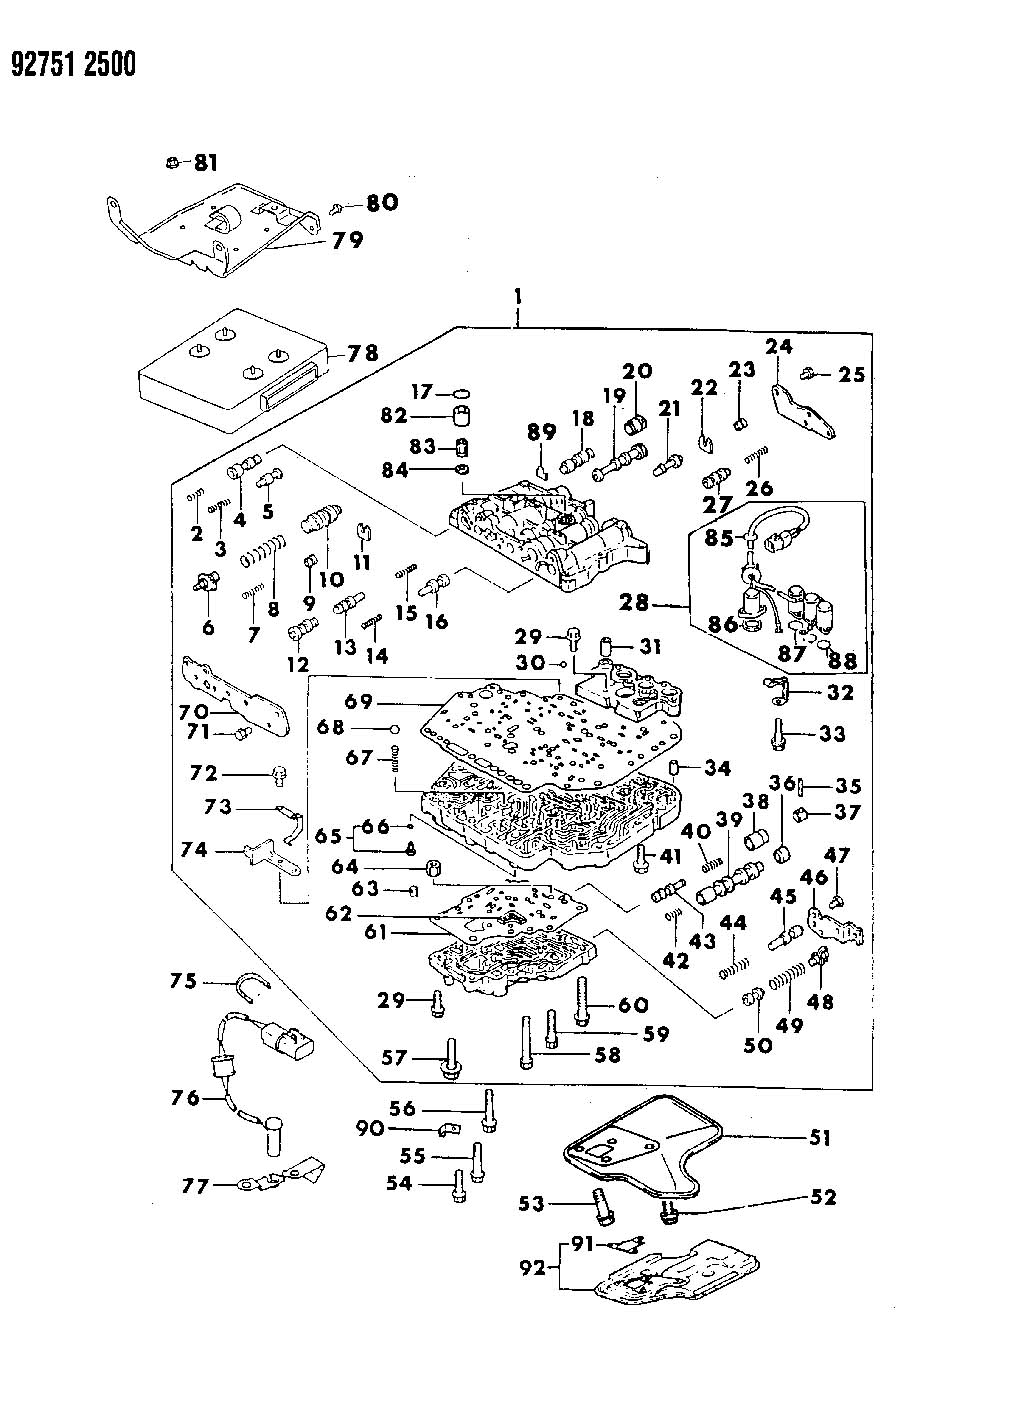 mazda bravo fuse box diagram